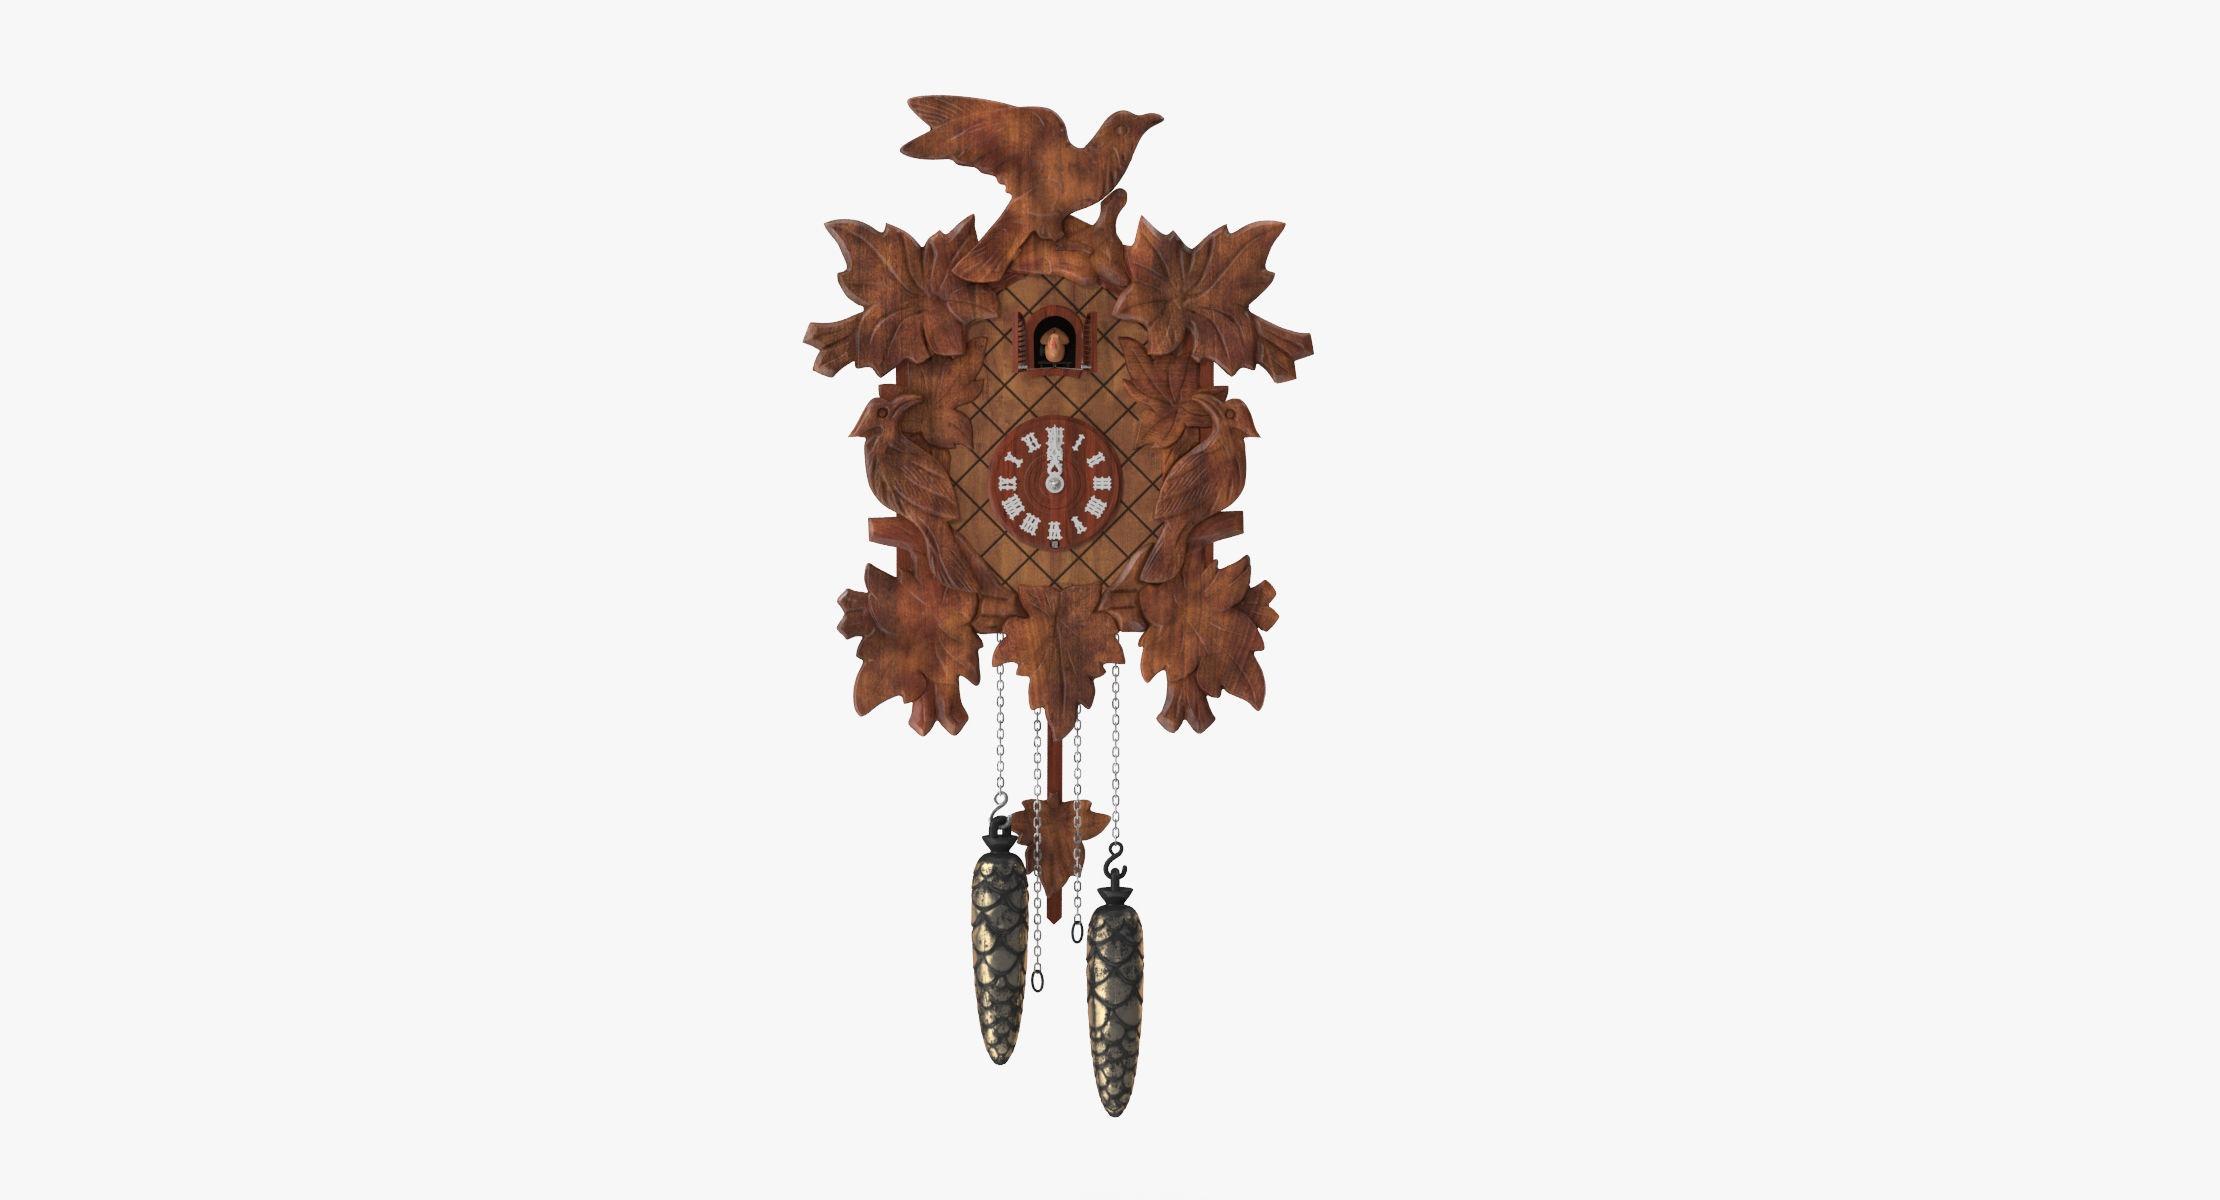 Cuckoo Clock - reel 1